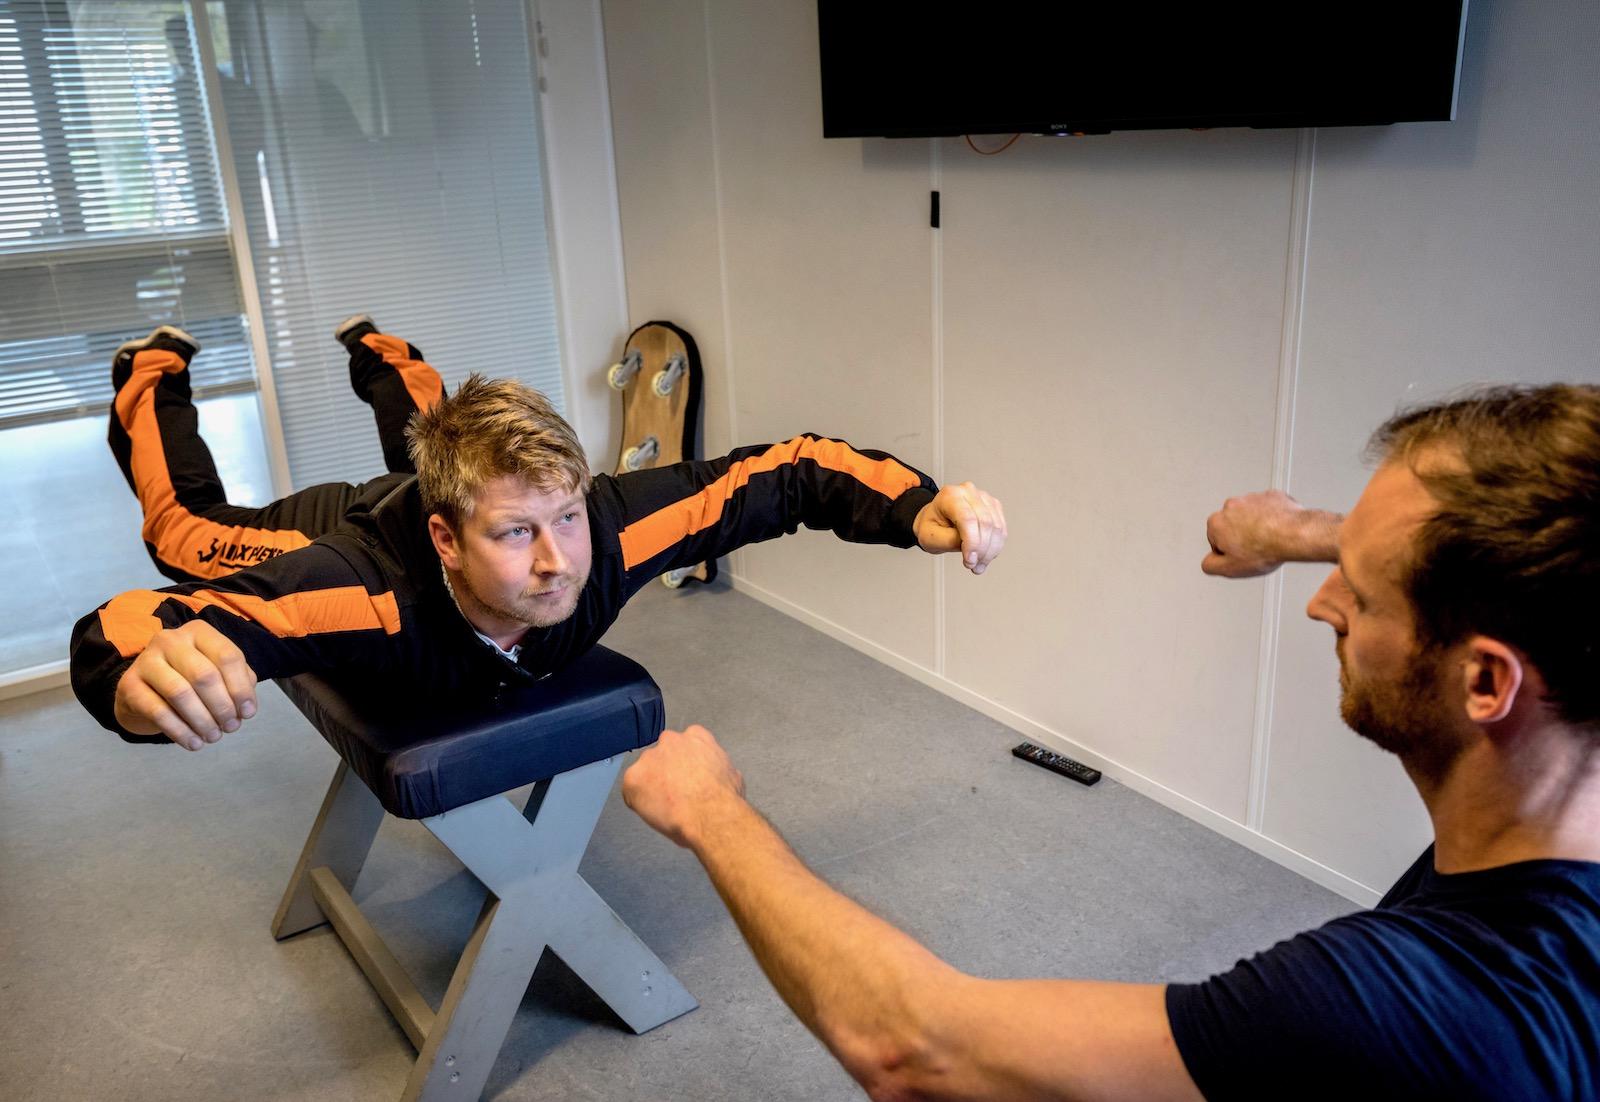 Coaching PRO-flyer Indoor Skydiving Copenhagen Air Experience